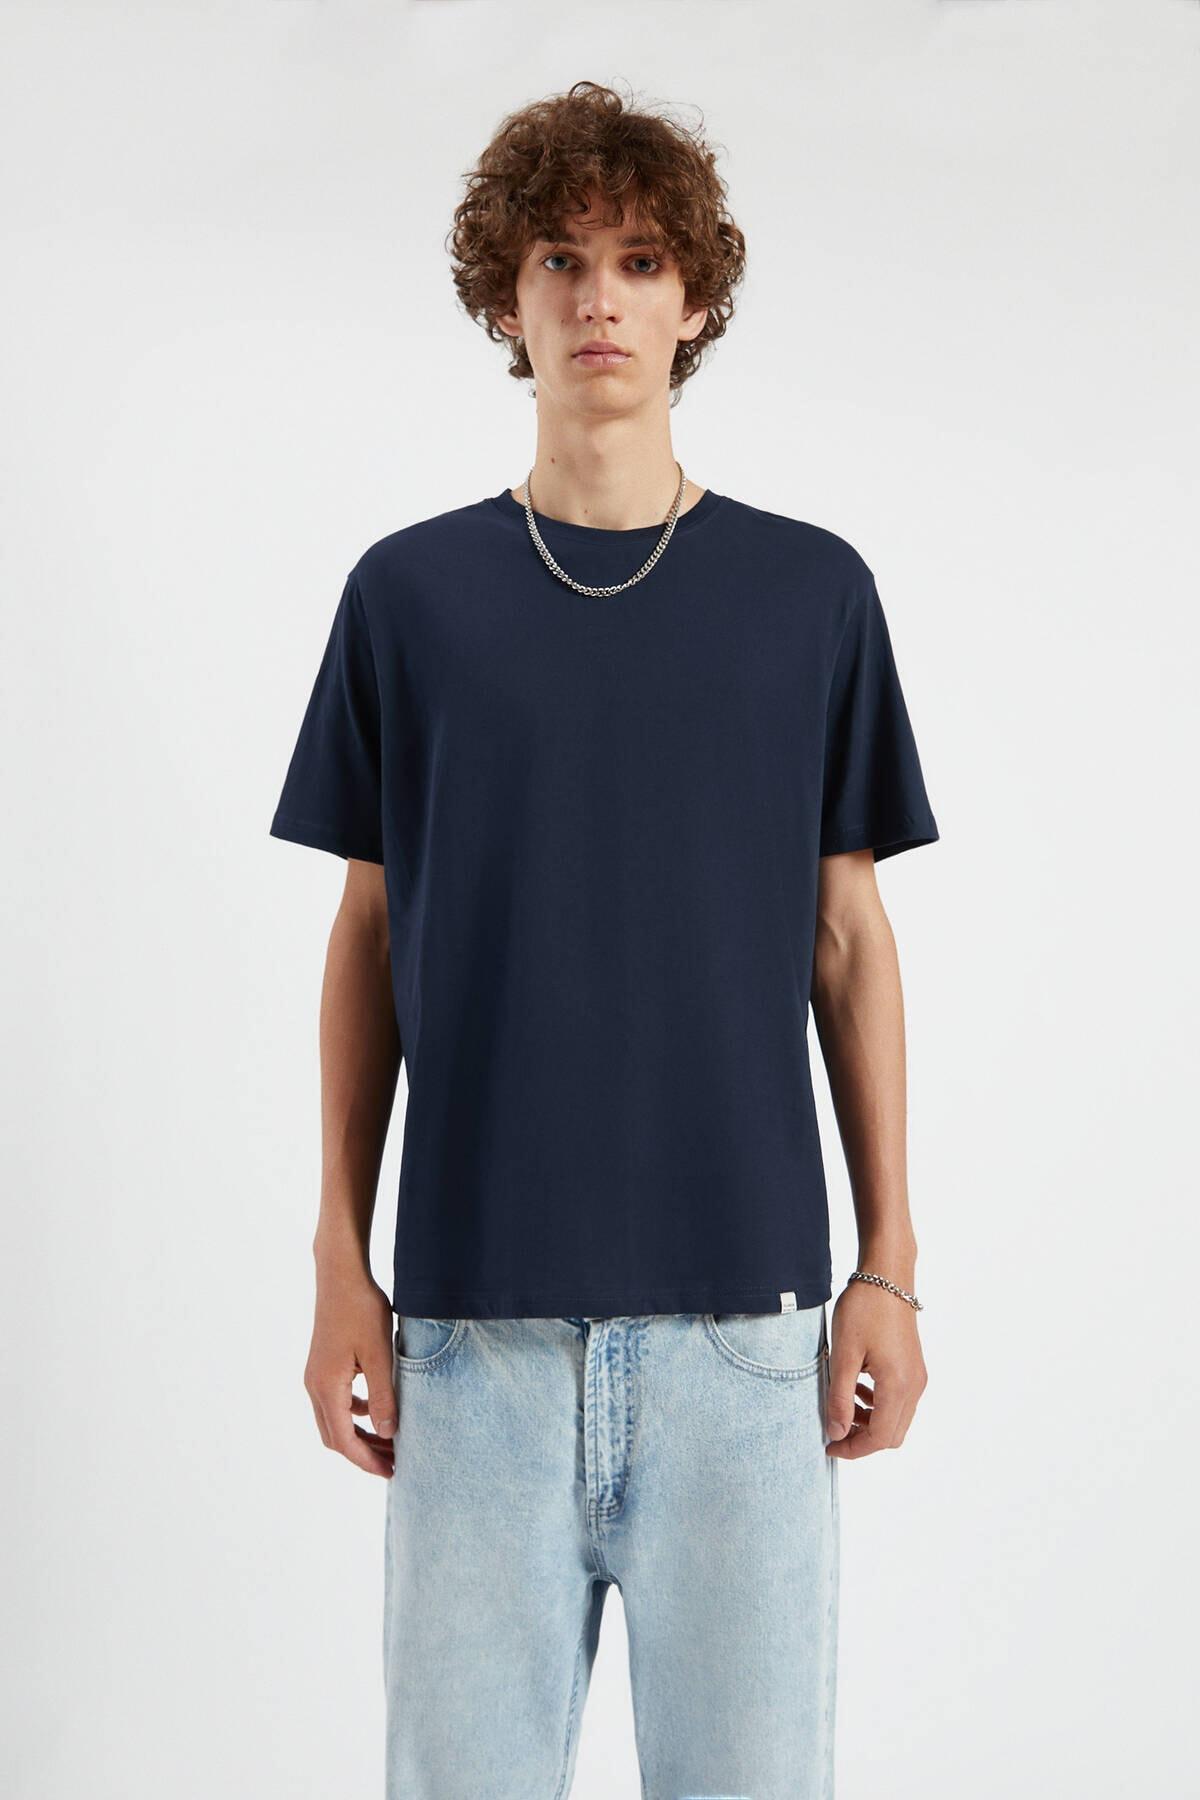 Pull & Bear Erkek Lacivert Join Life Basic T-Shirt 09244500 0